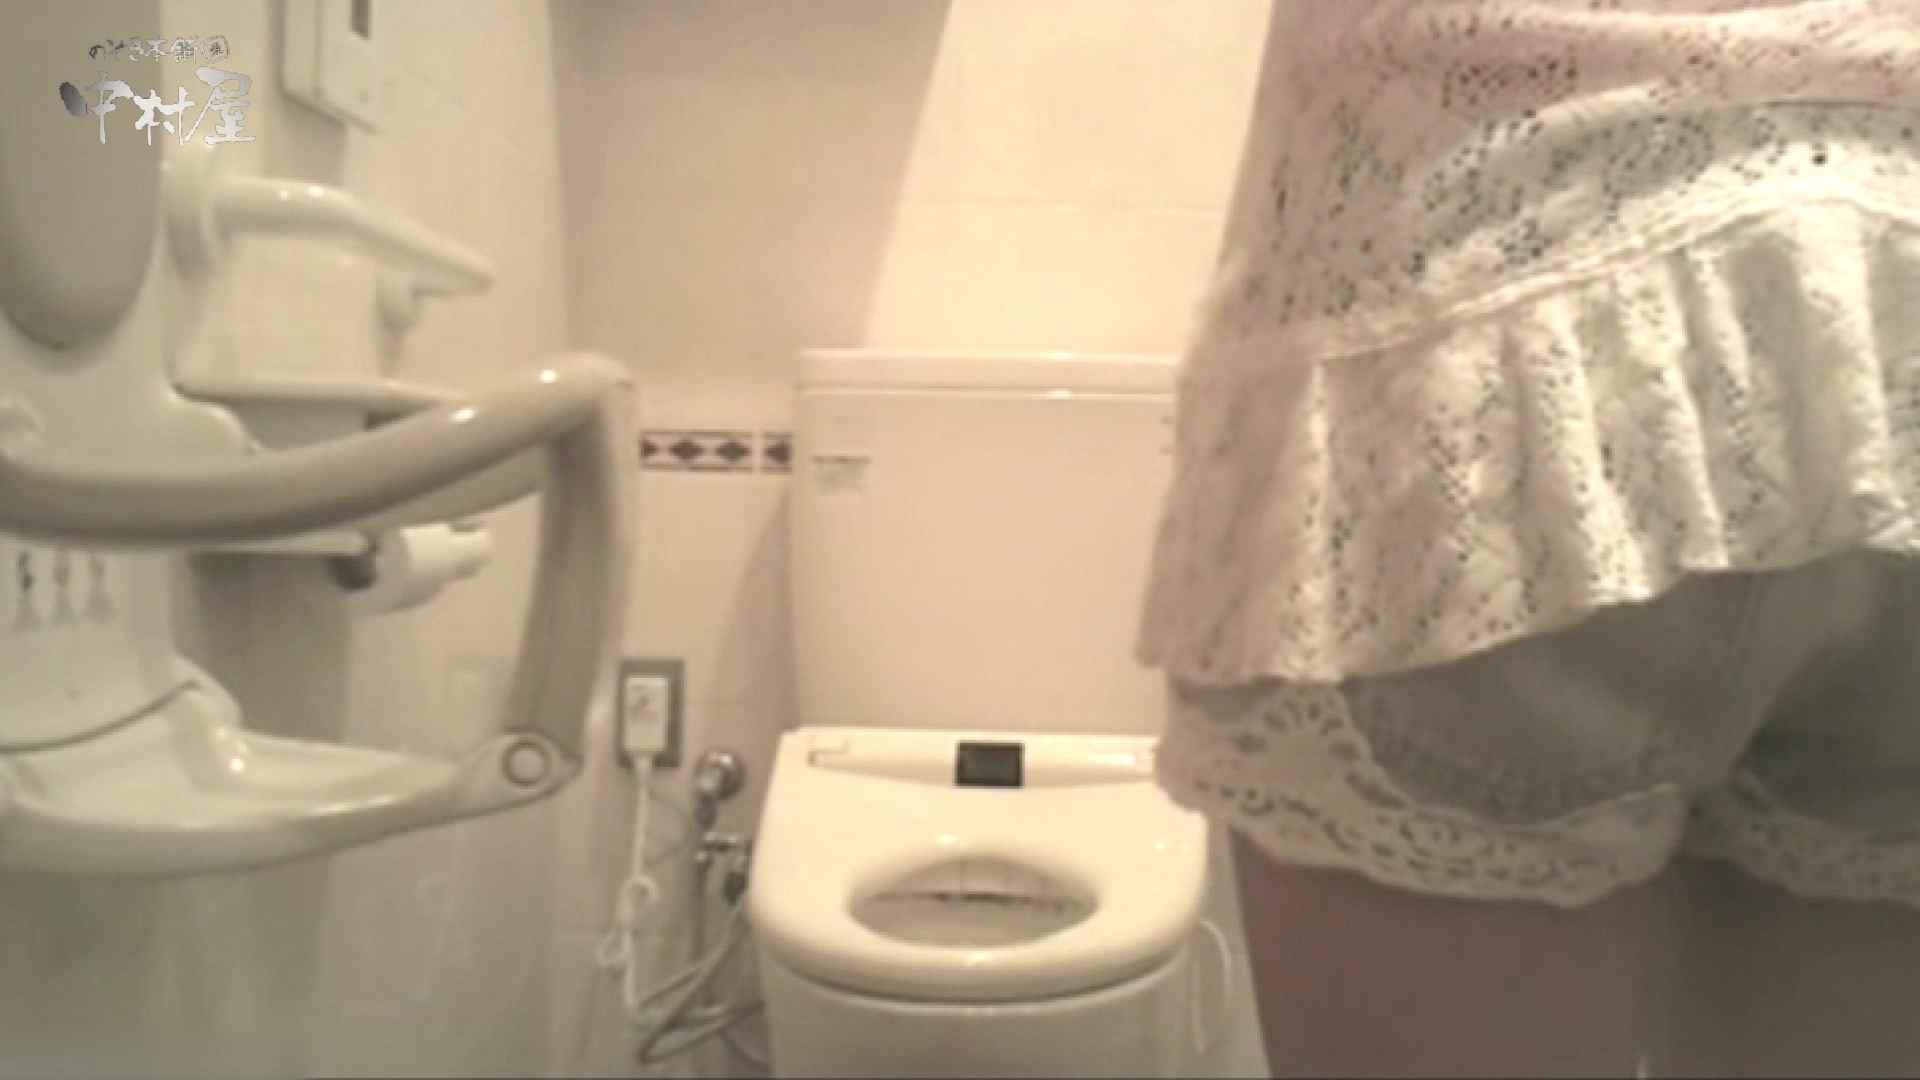 ティーンガールのトイレ覗き‼vol.19 女子大生のエロ動画 オメコ無修正動画無料 111PIX 94